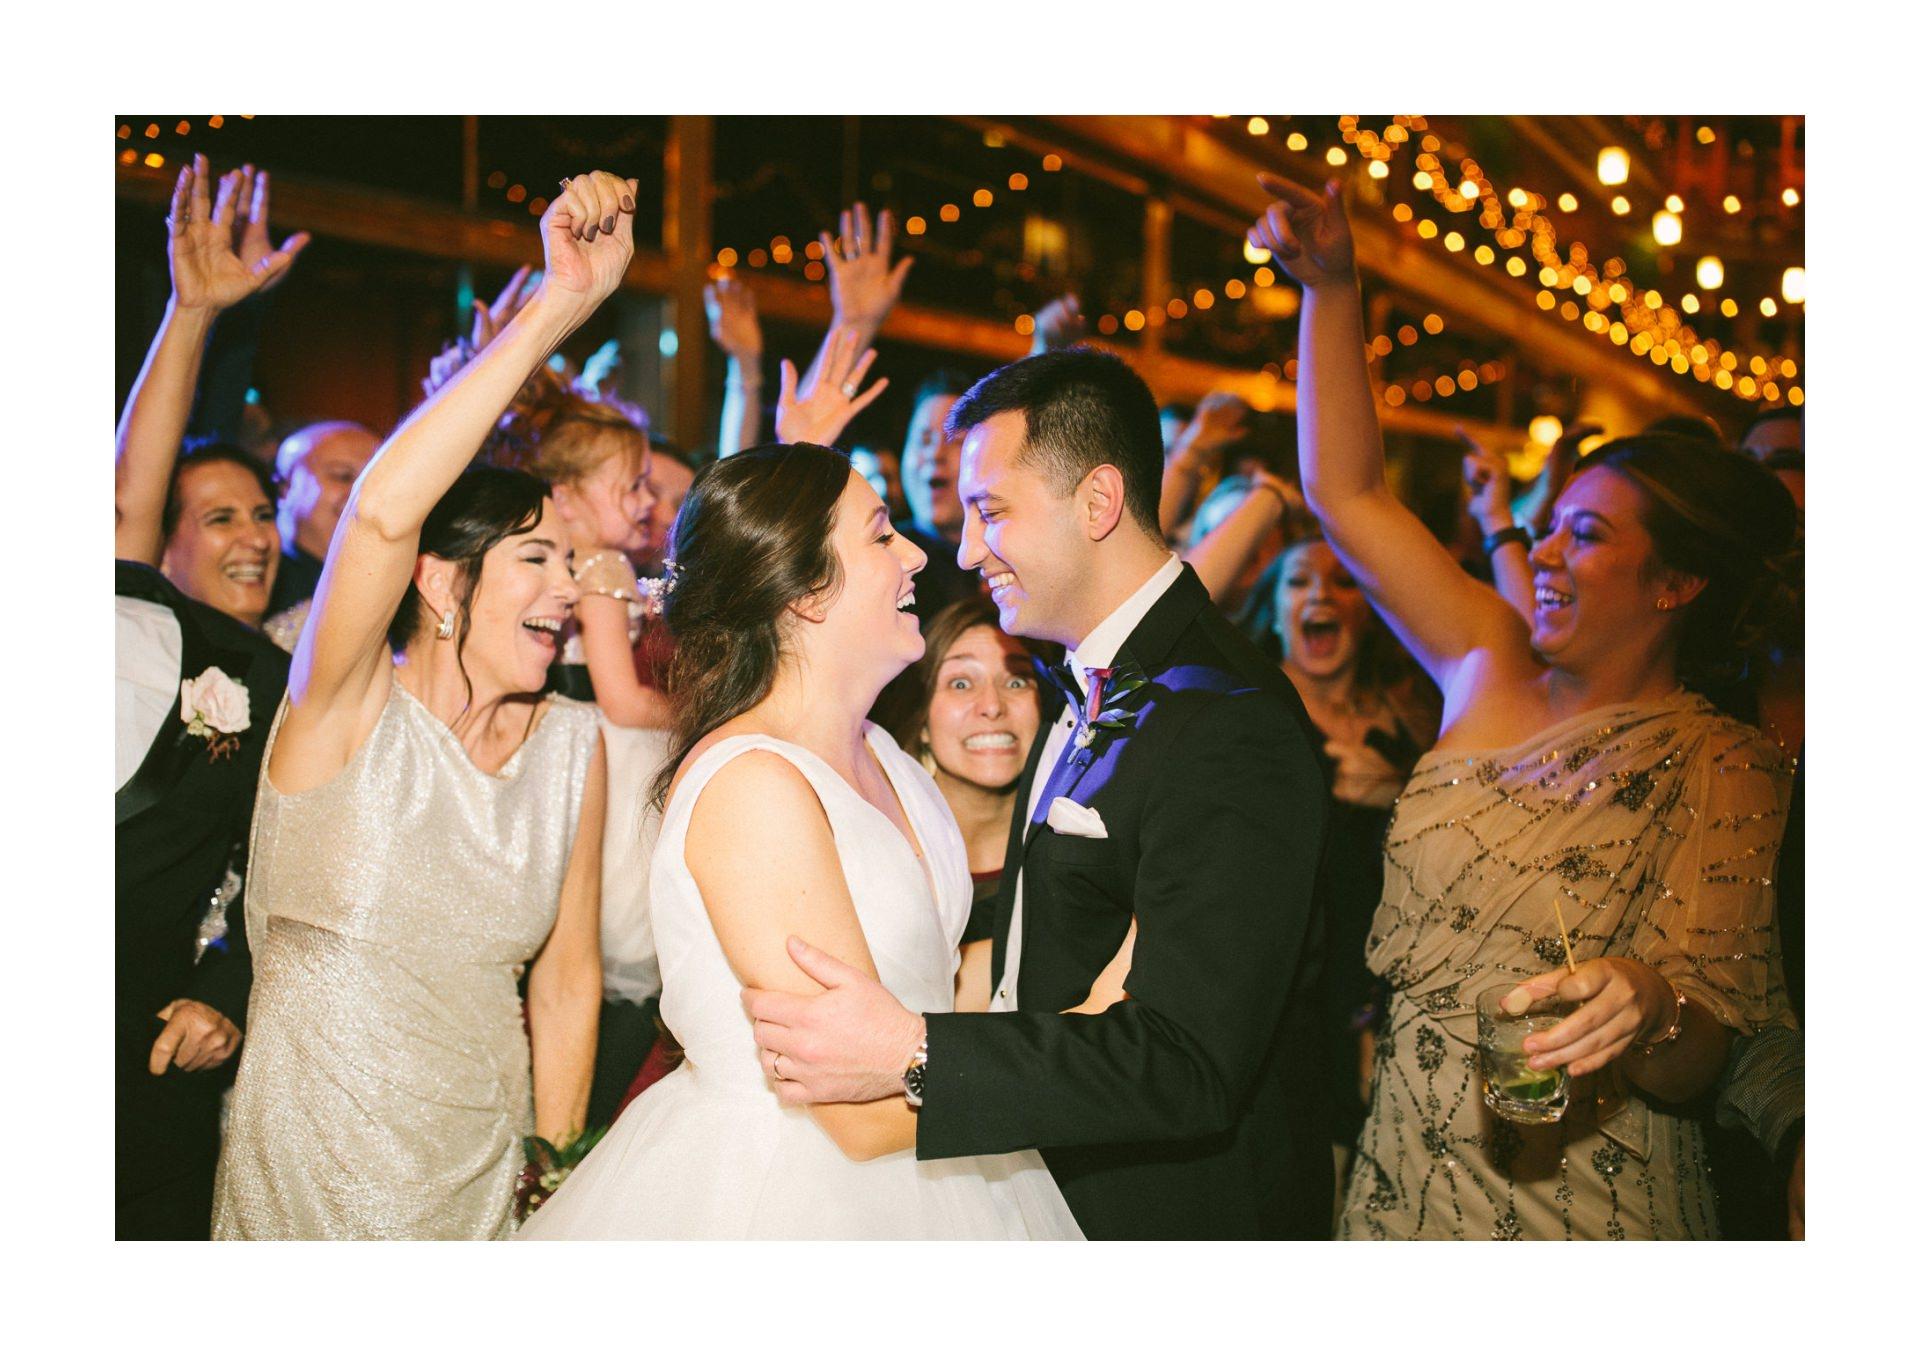 Hyatt Old Arcade Wedding Photographer in Cleveland 2 30.jpg